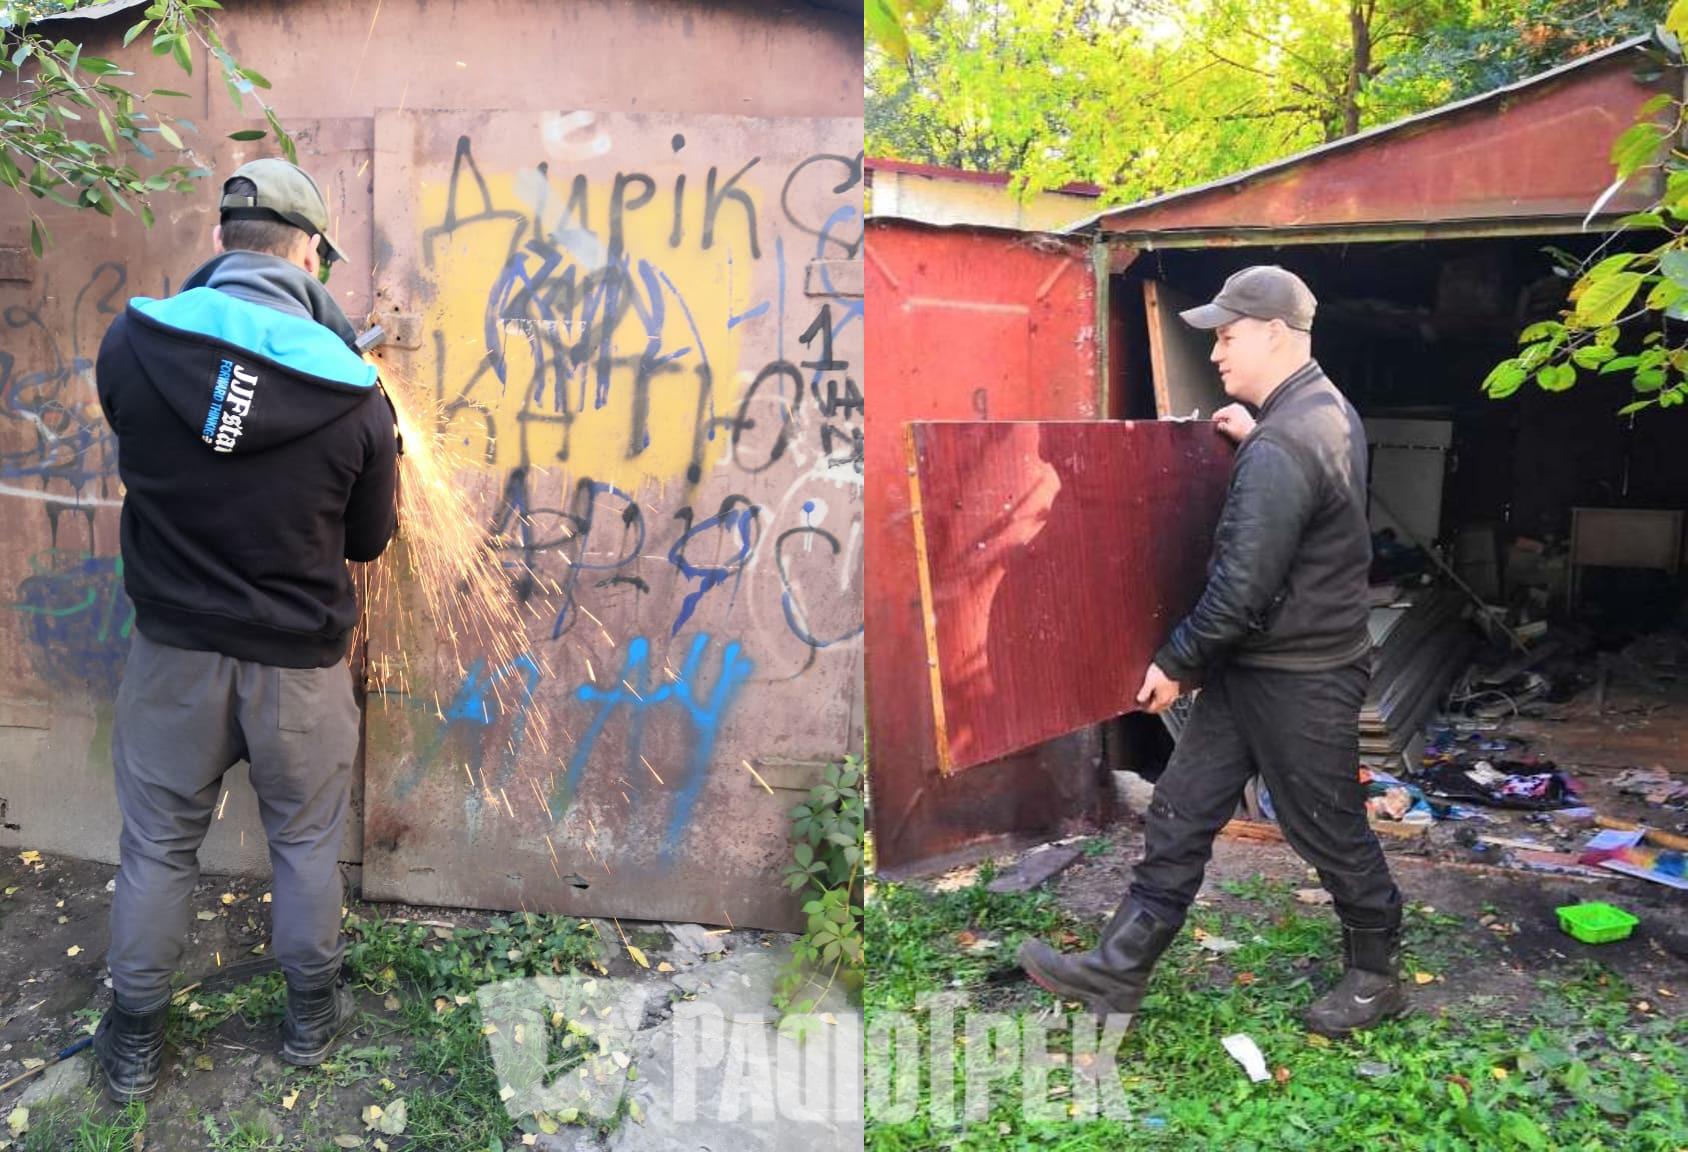 «Це створює суспільну небезпеку»: на проспекті у Рівному демонтували гаражі (ФОТО)